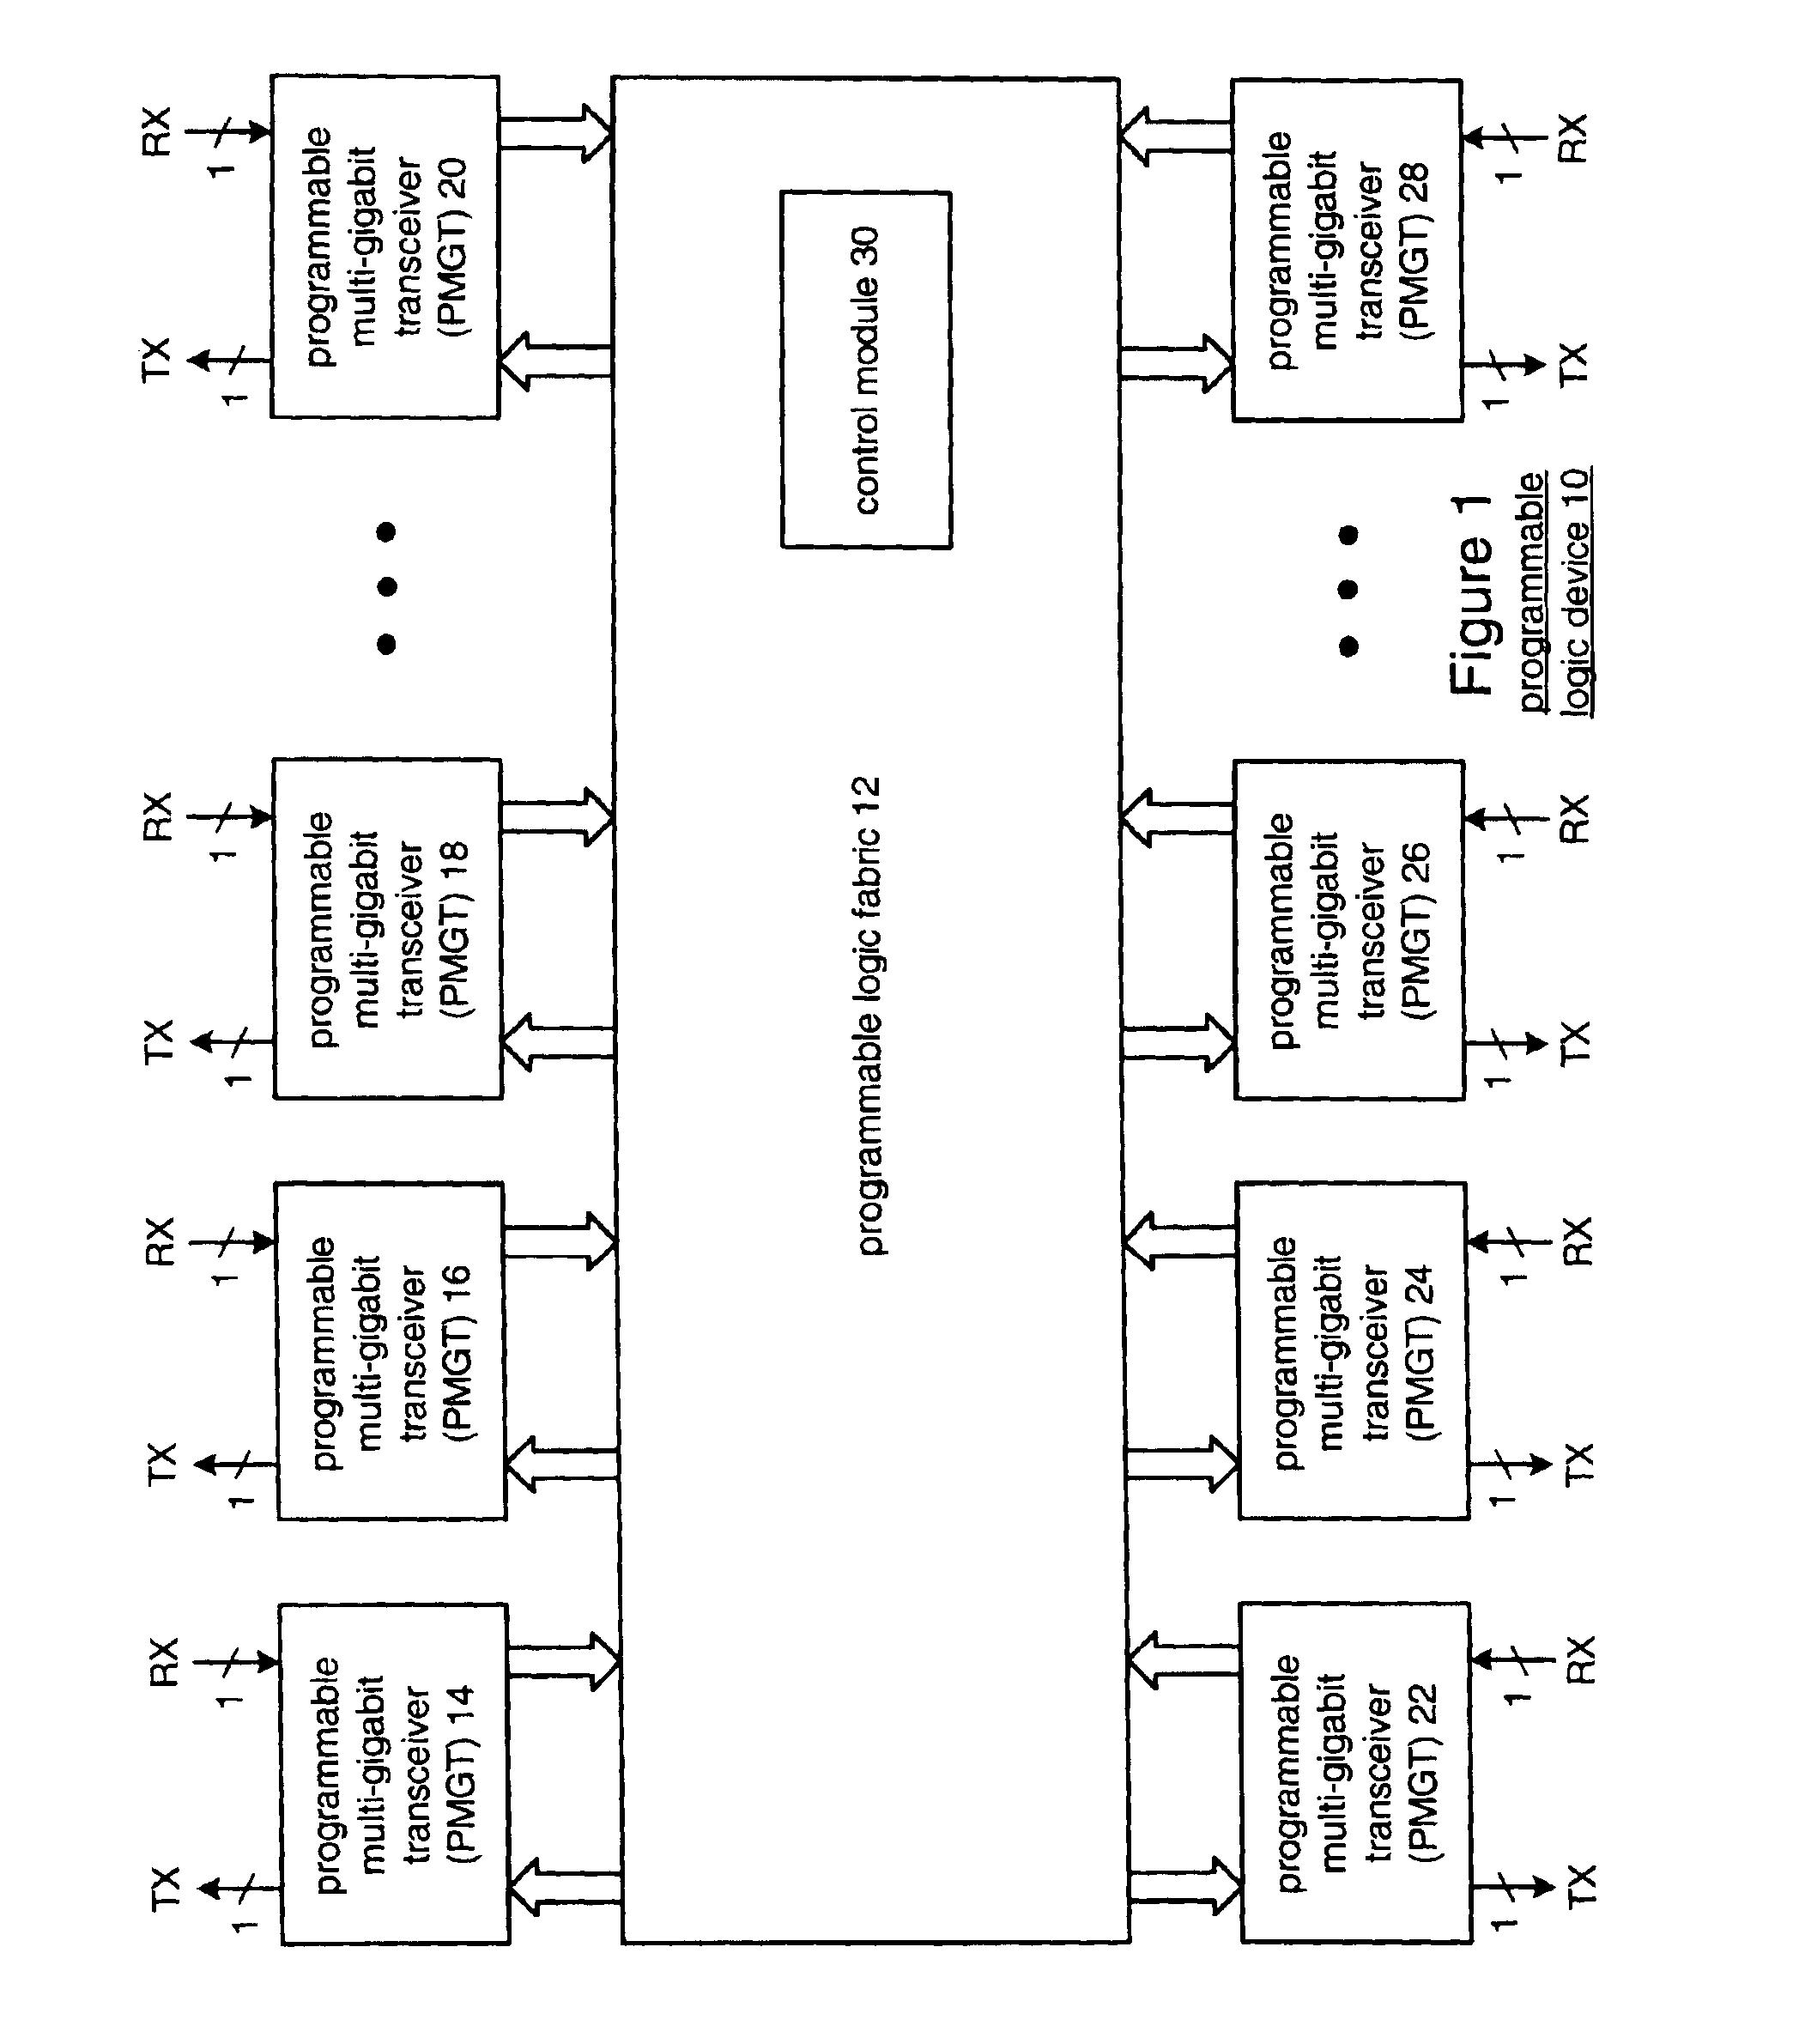 patent us6975132